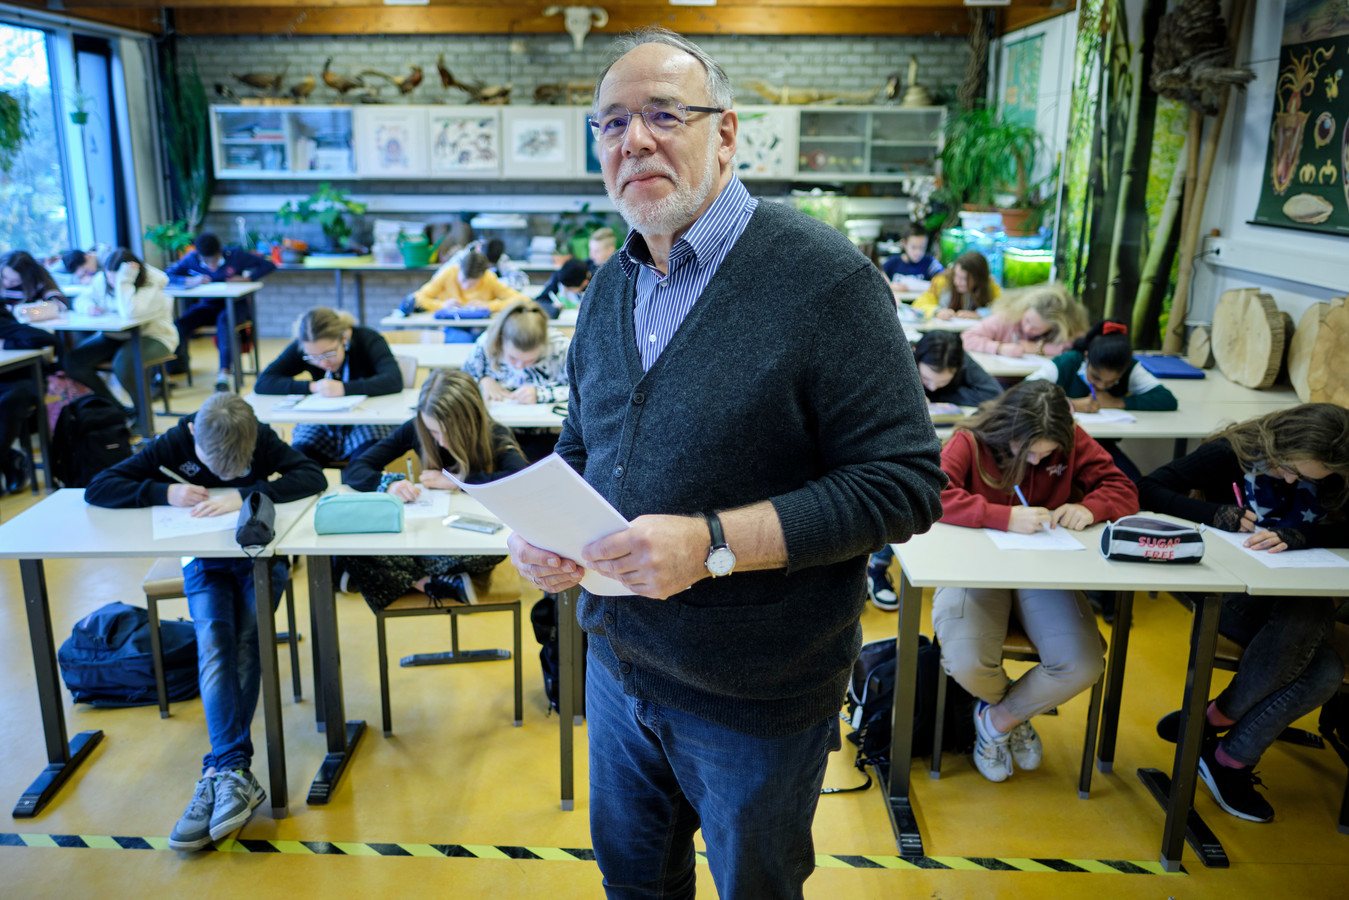 Teamleider Cor van der Hoek bezoekt een klas op de St.-Jozefmavo. Hij neemt na 42 jaar afscheid.